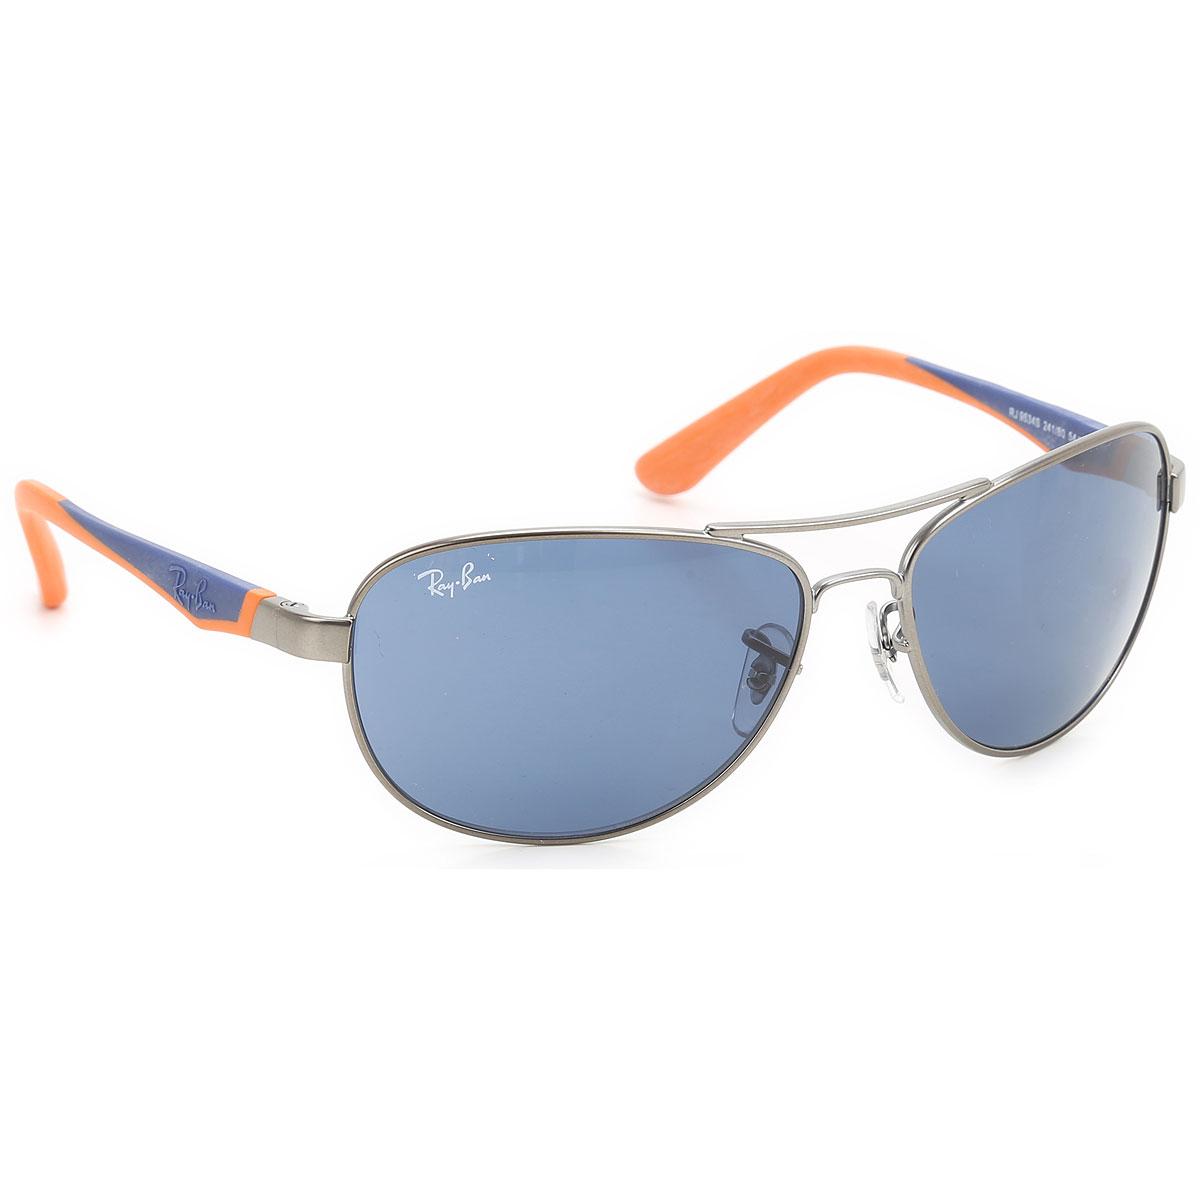 Ray Ban Boys Sunglasses On Sale, 2017 USA-364919